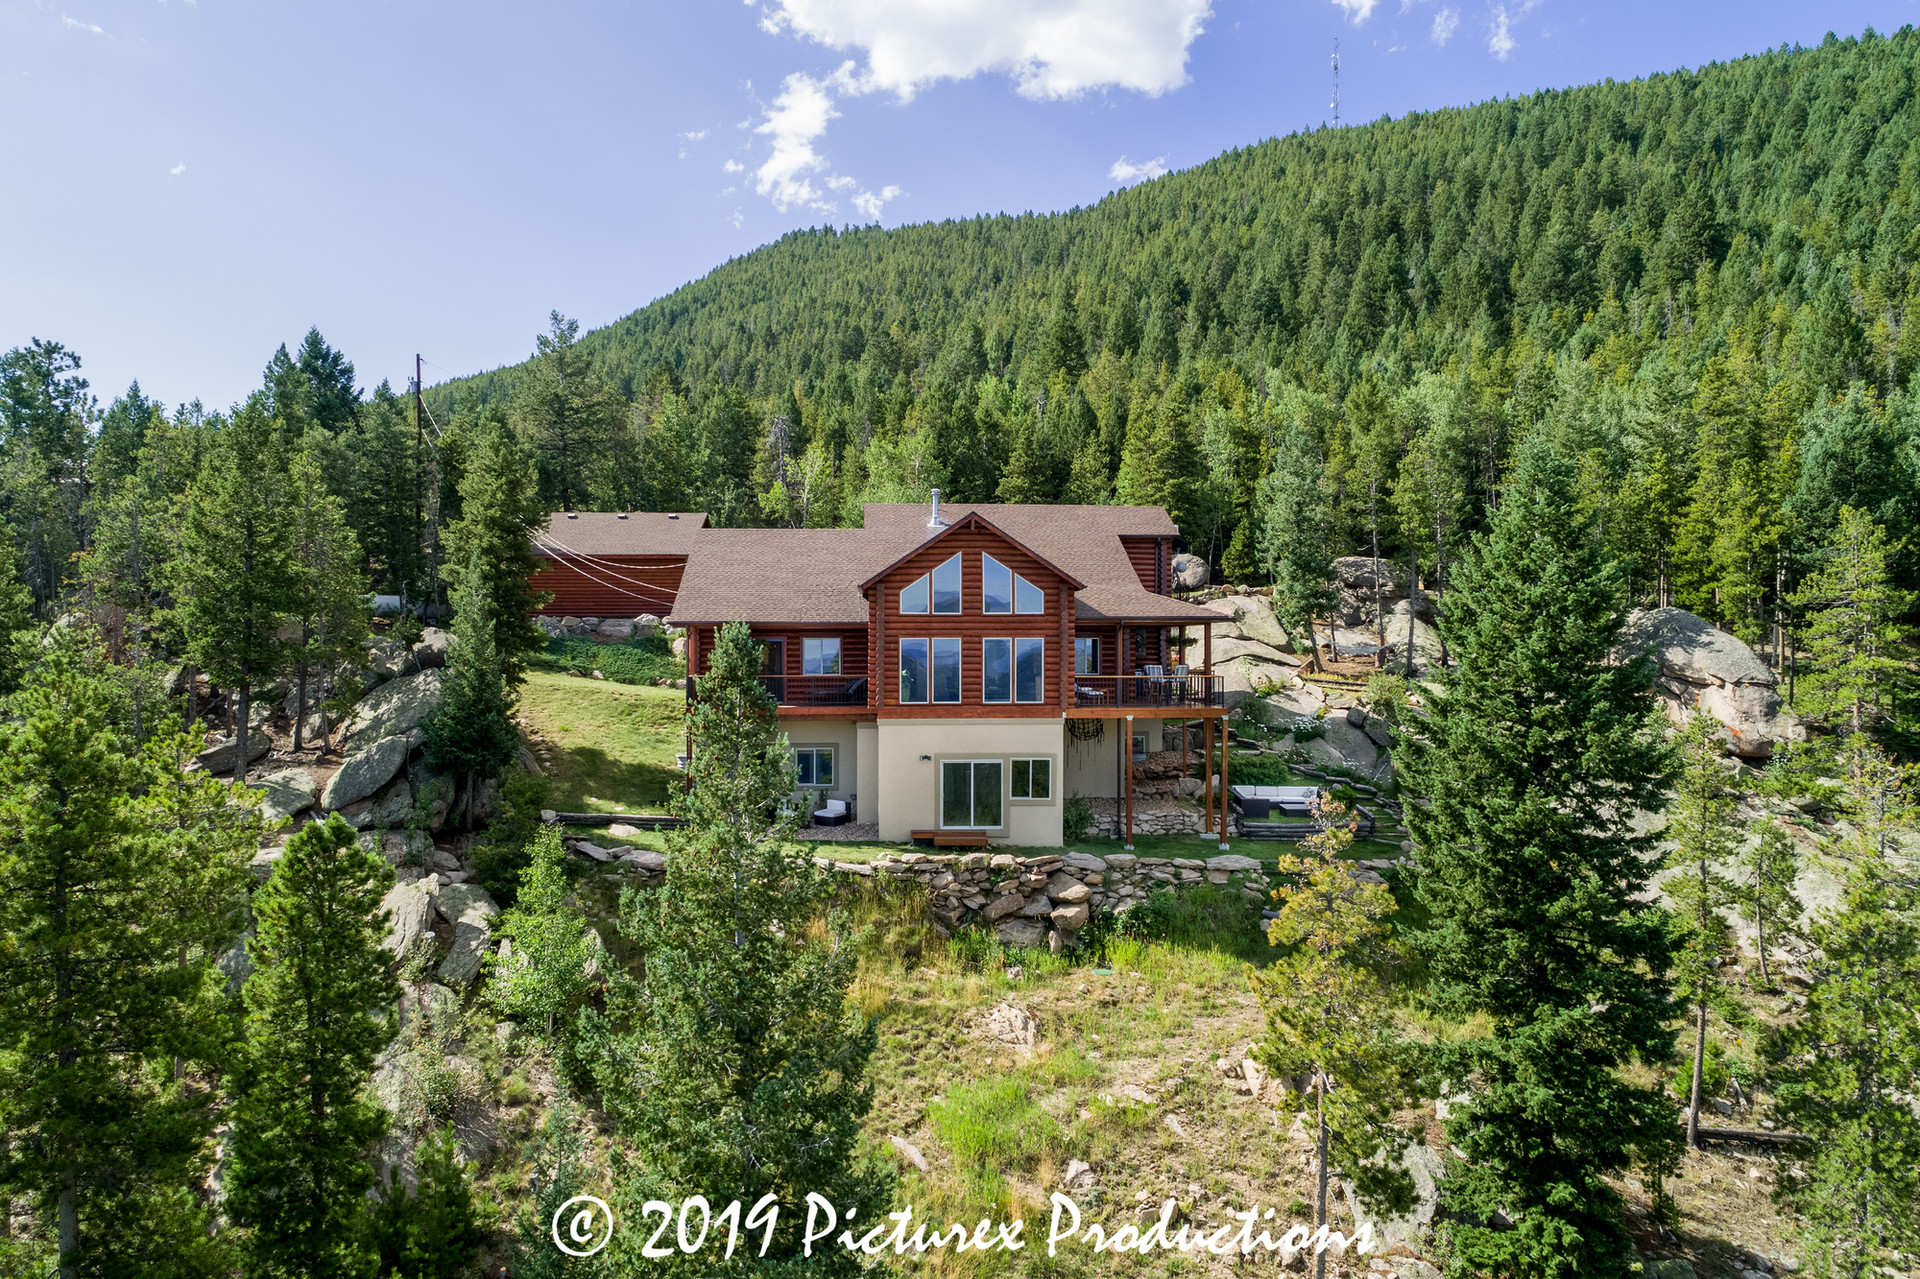 Mountain log home